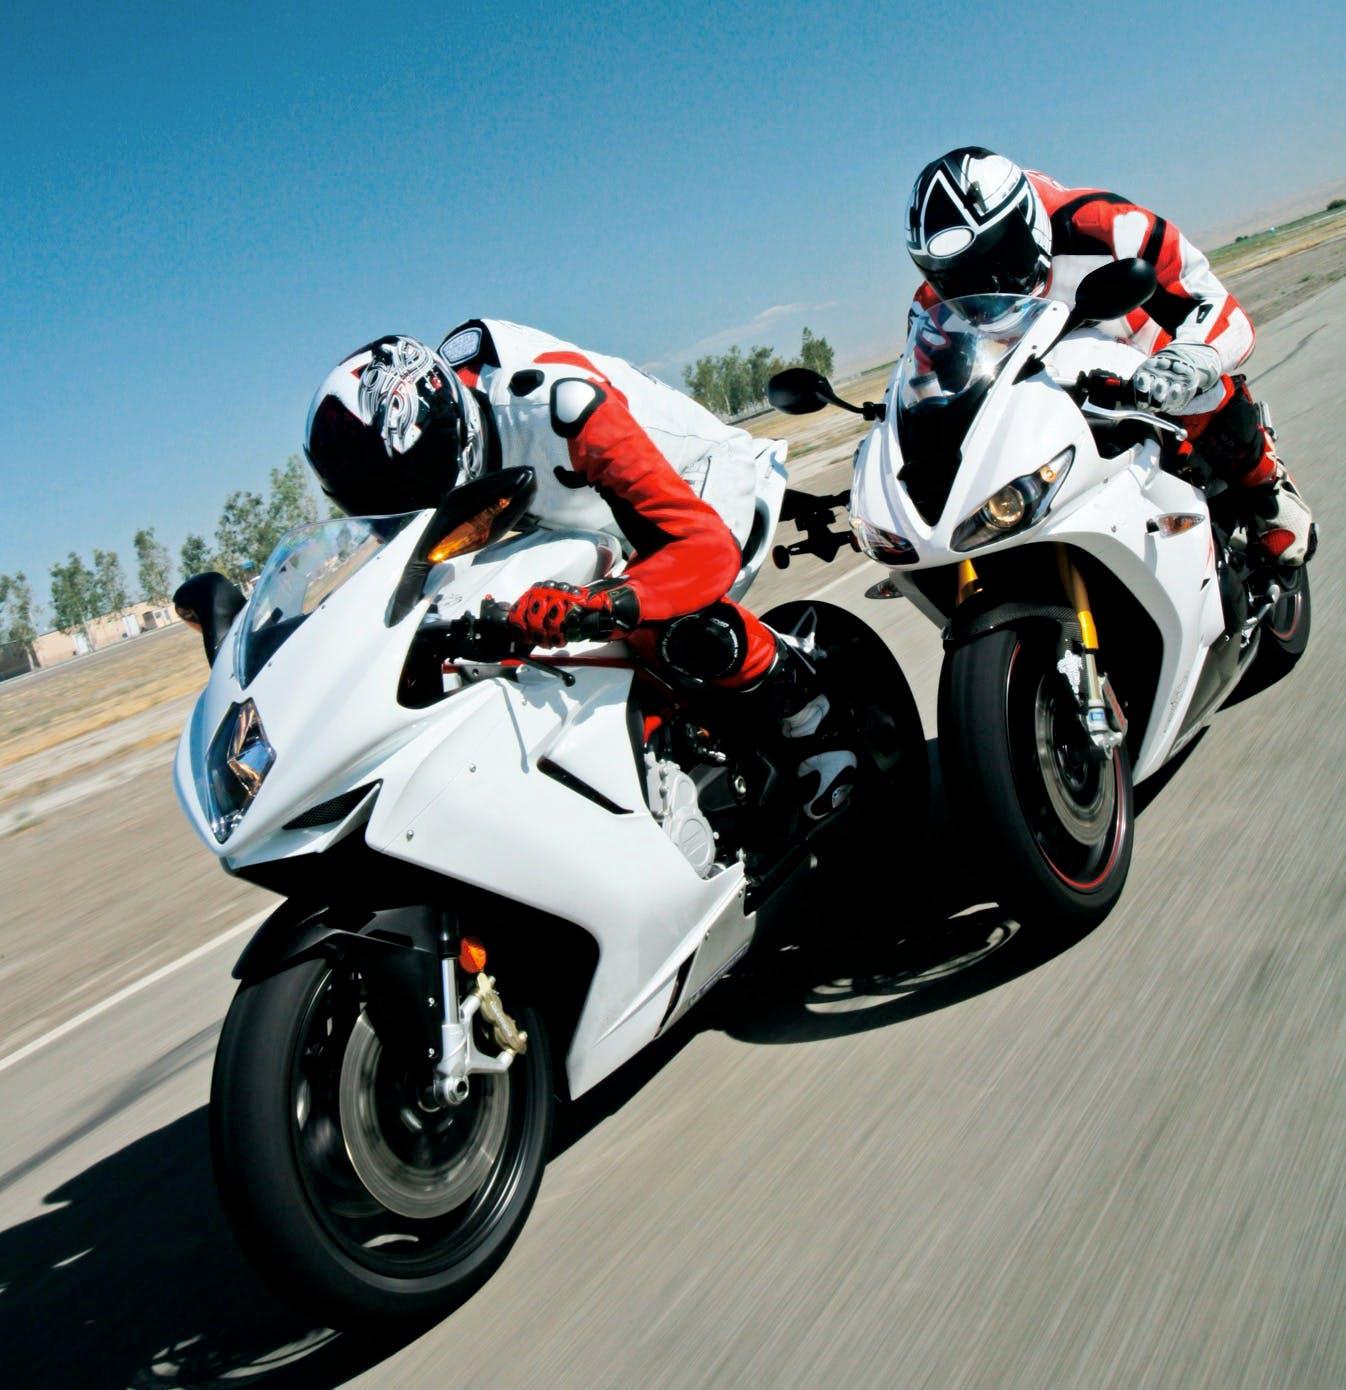 Deux motos sportives en course